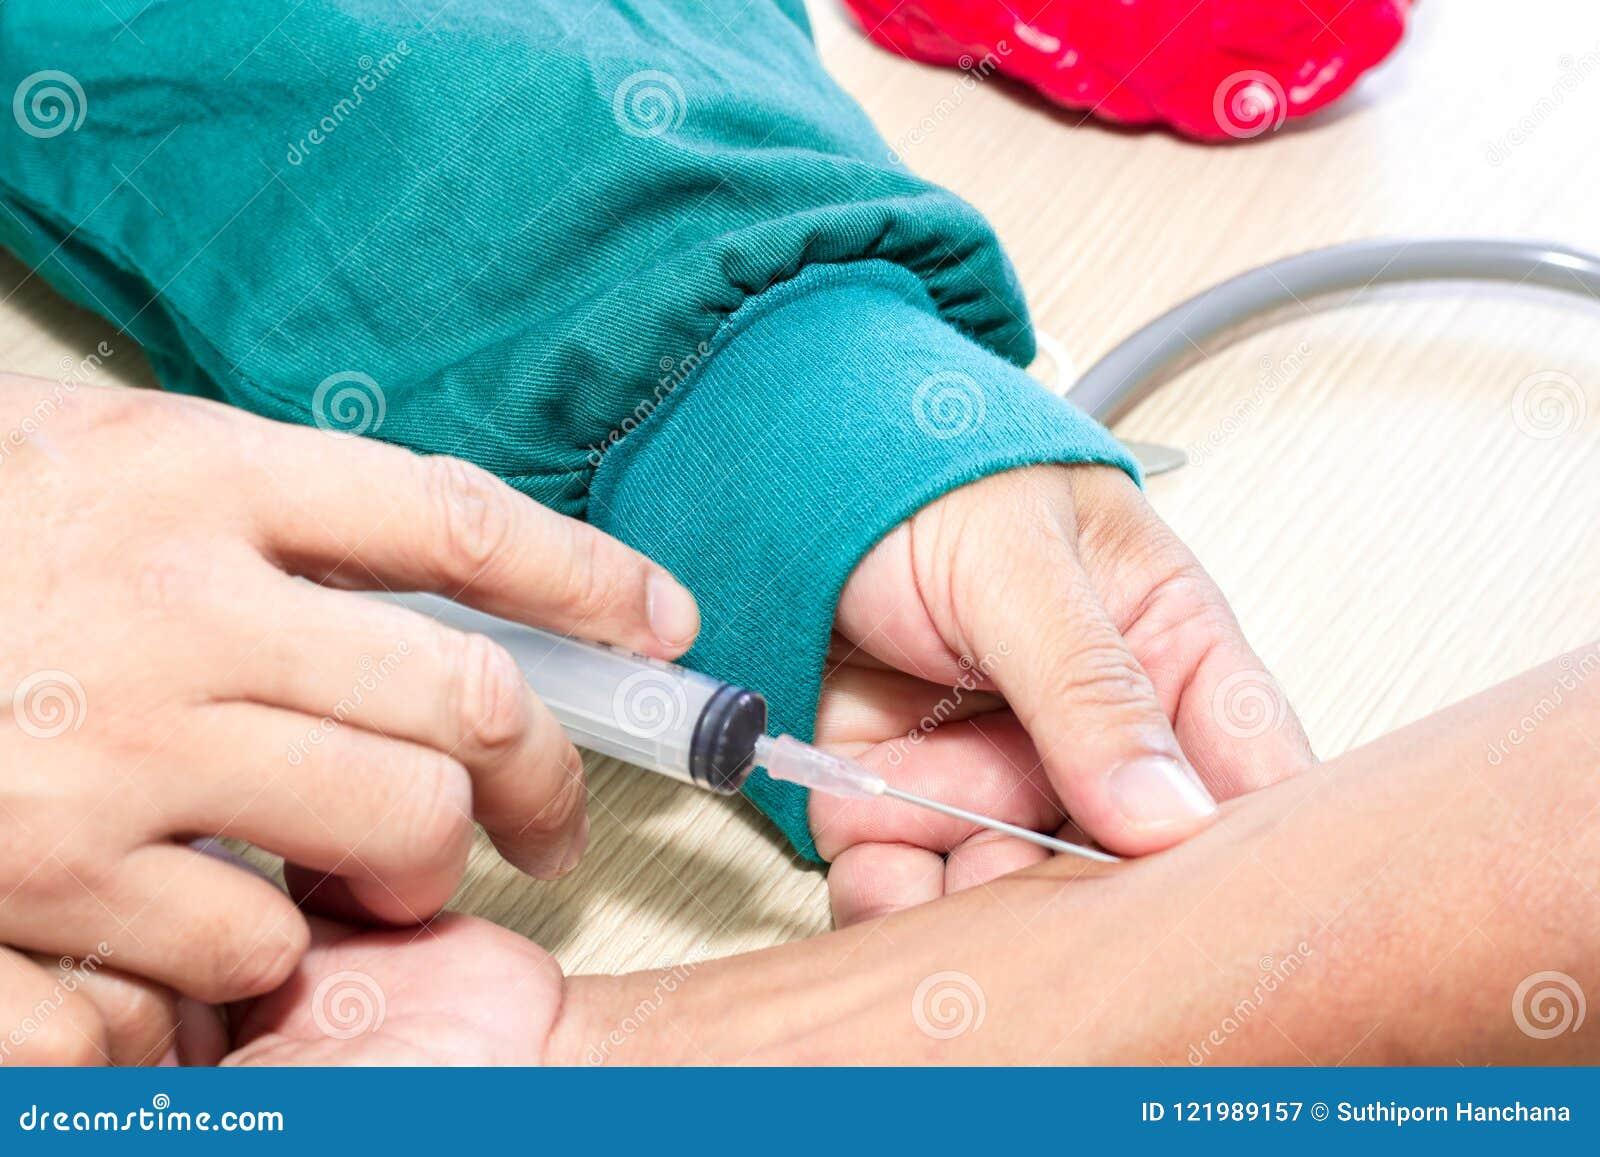 Sluit omhoog Nadruk De hand van arts spuit vaccin aan patiënt in